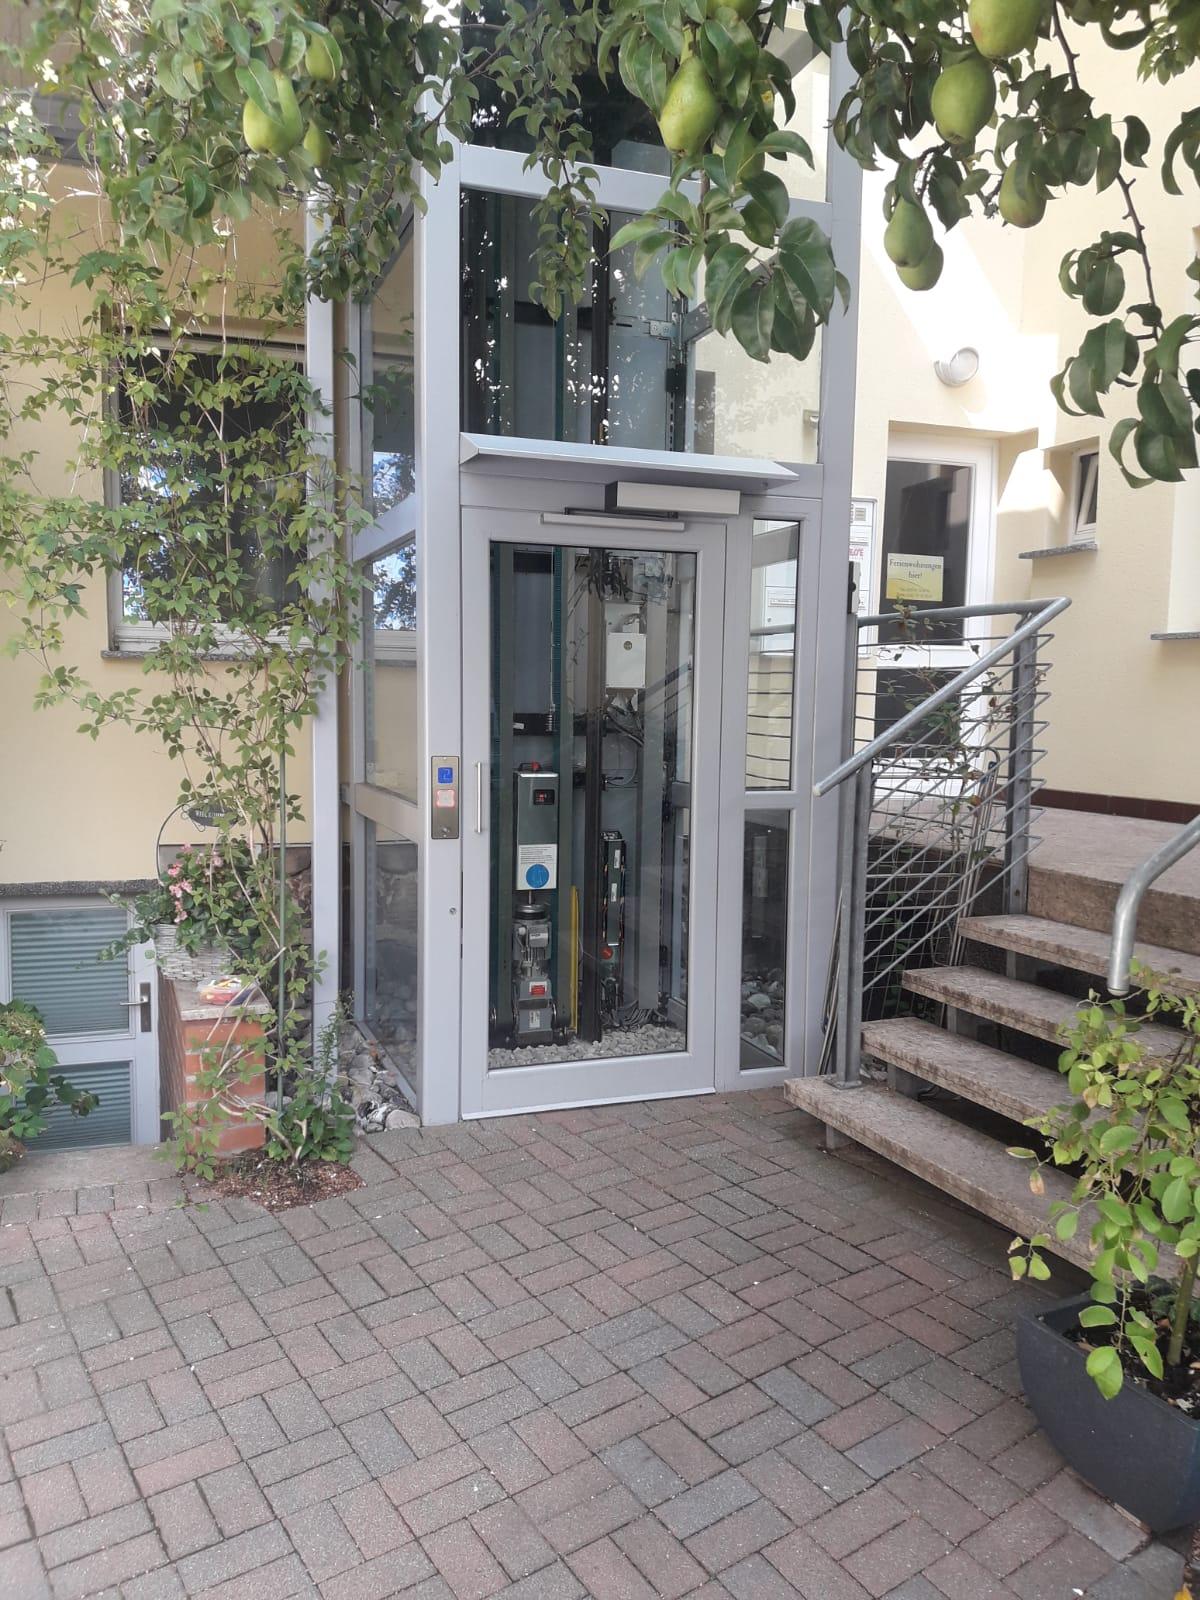 Außen-Glas-Lift im grünen Innenhof